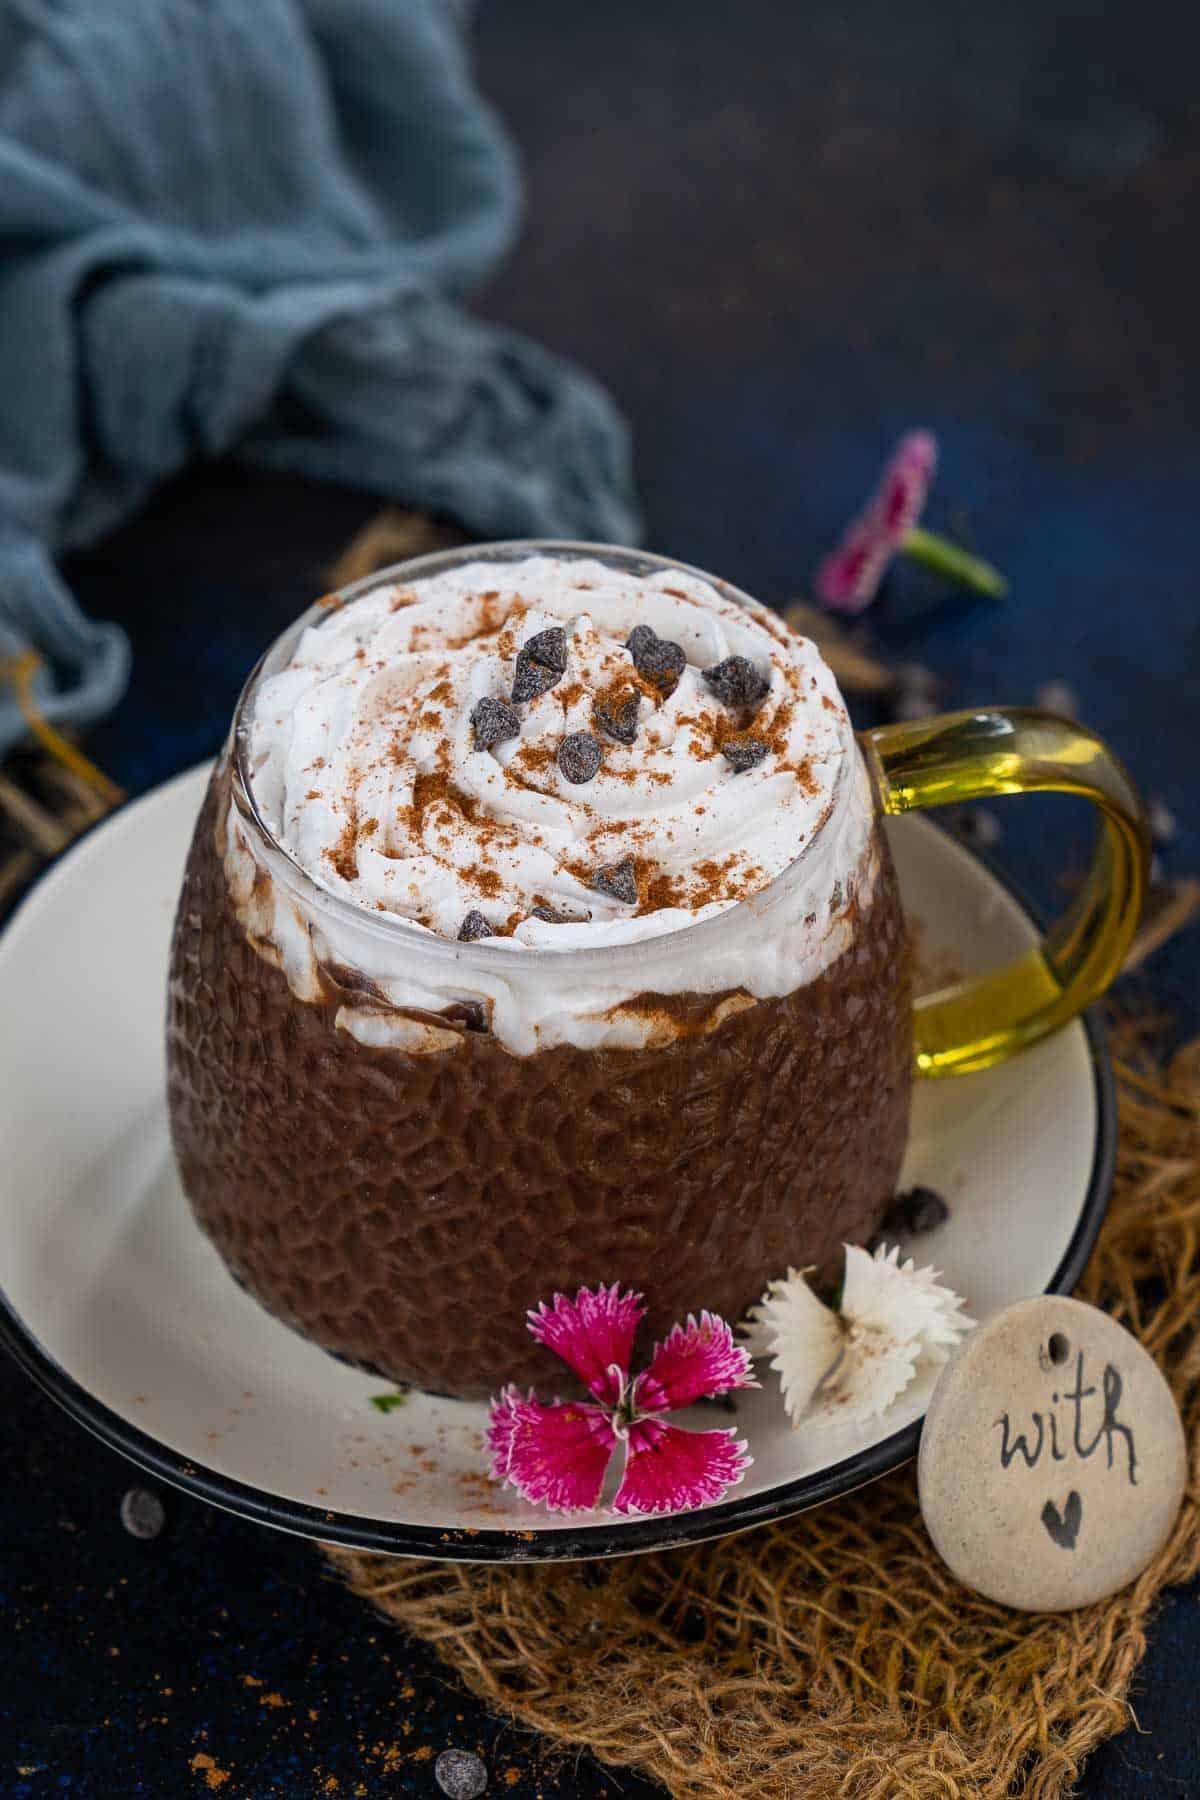 Pumpkin spice hot chocolate served in a mug.